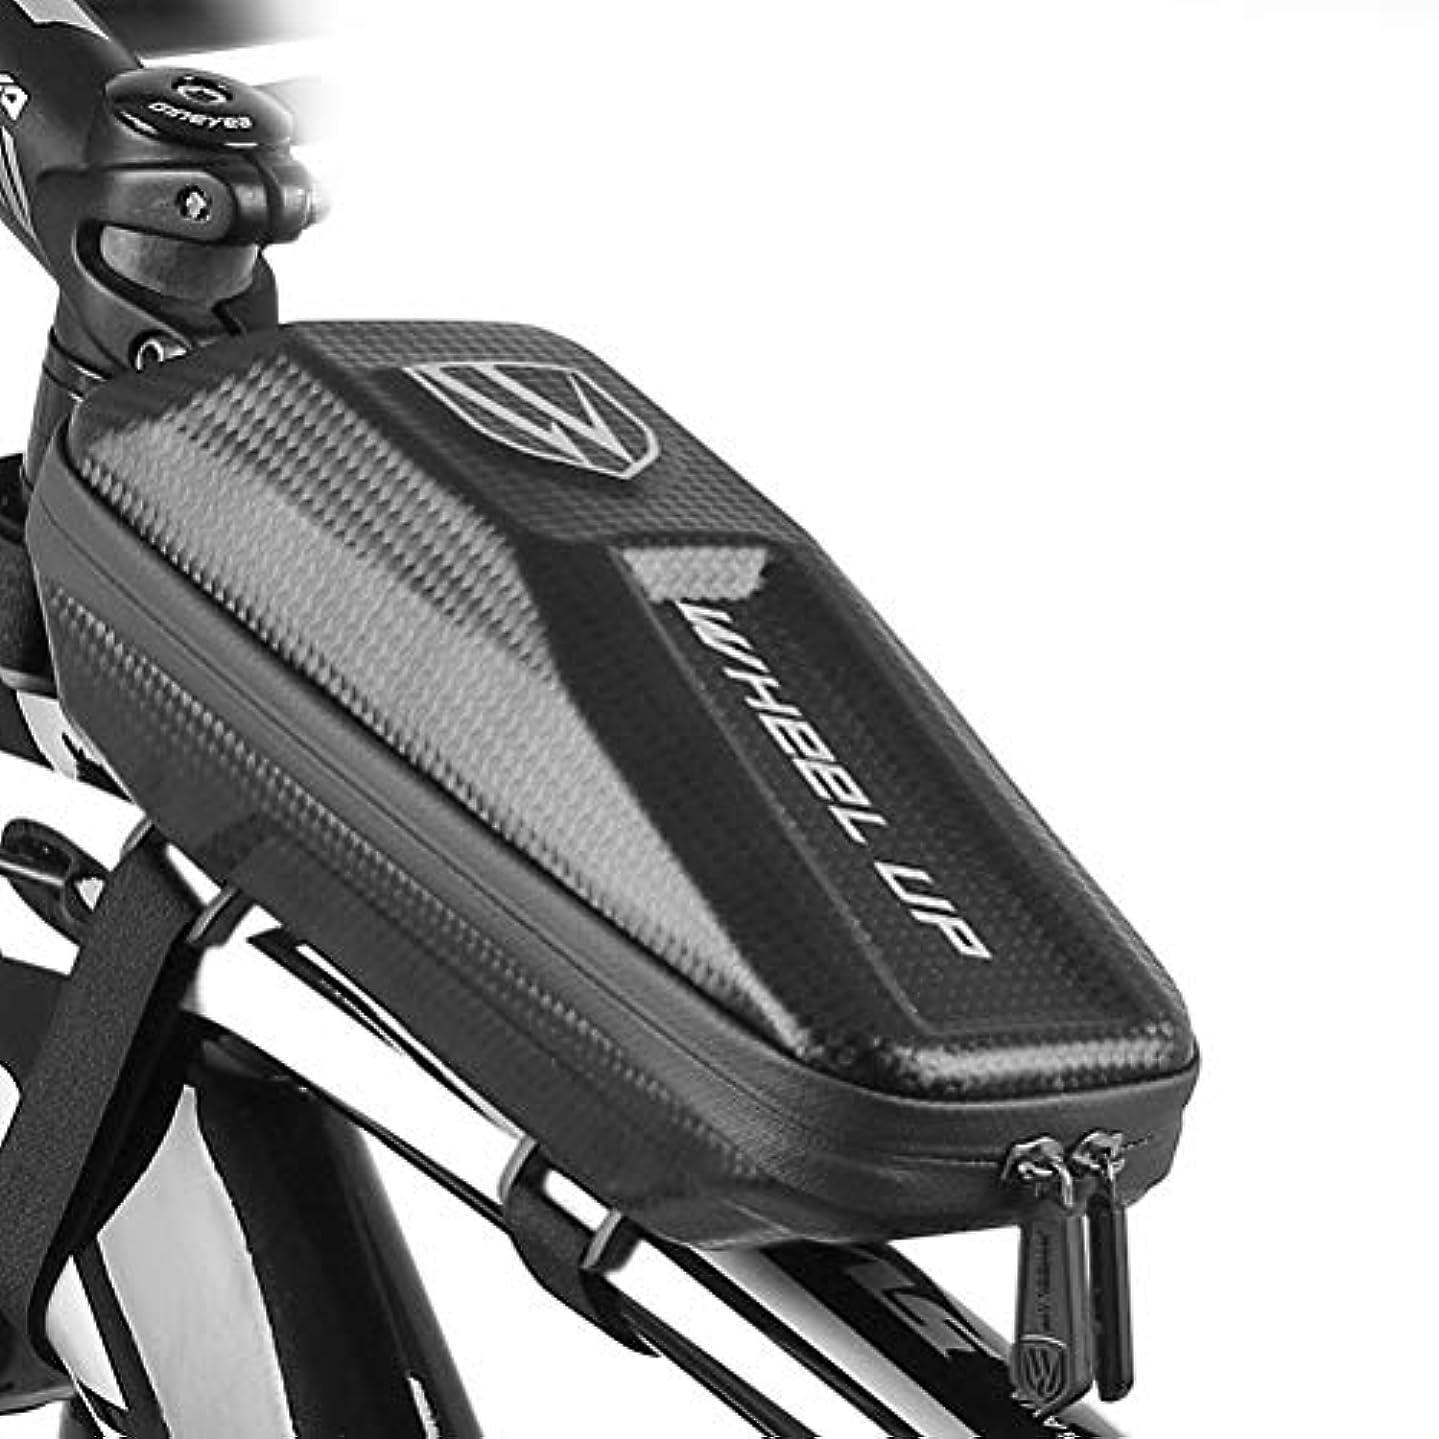 無意味リスクバンジージャンプトップチューブバッグ 自転車 バッグ フレームバッグ 防水 頑丈 大容量 防塵 フレームバッグ サドルバッグ 防水 軽量 大容量 収納アクセサリー ブラック